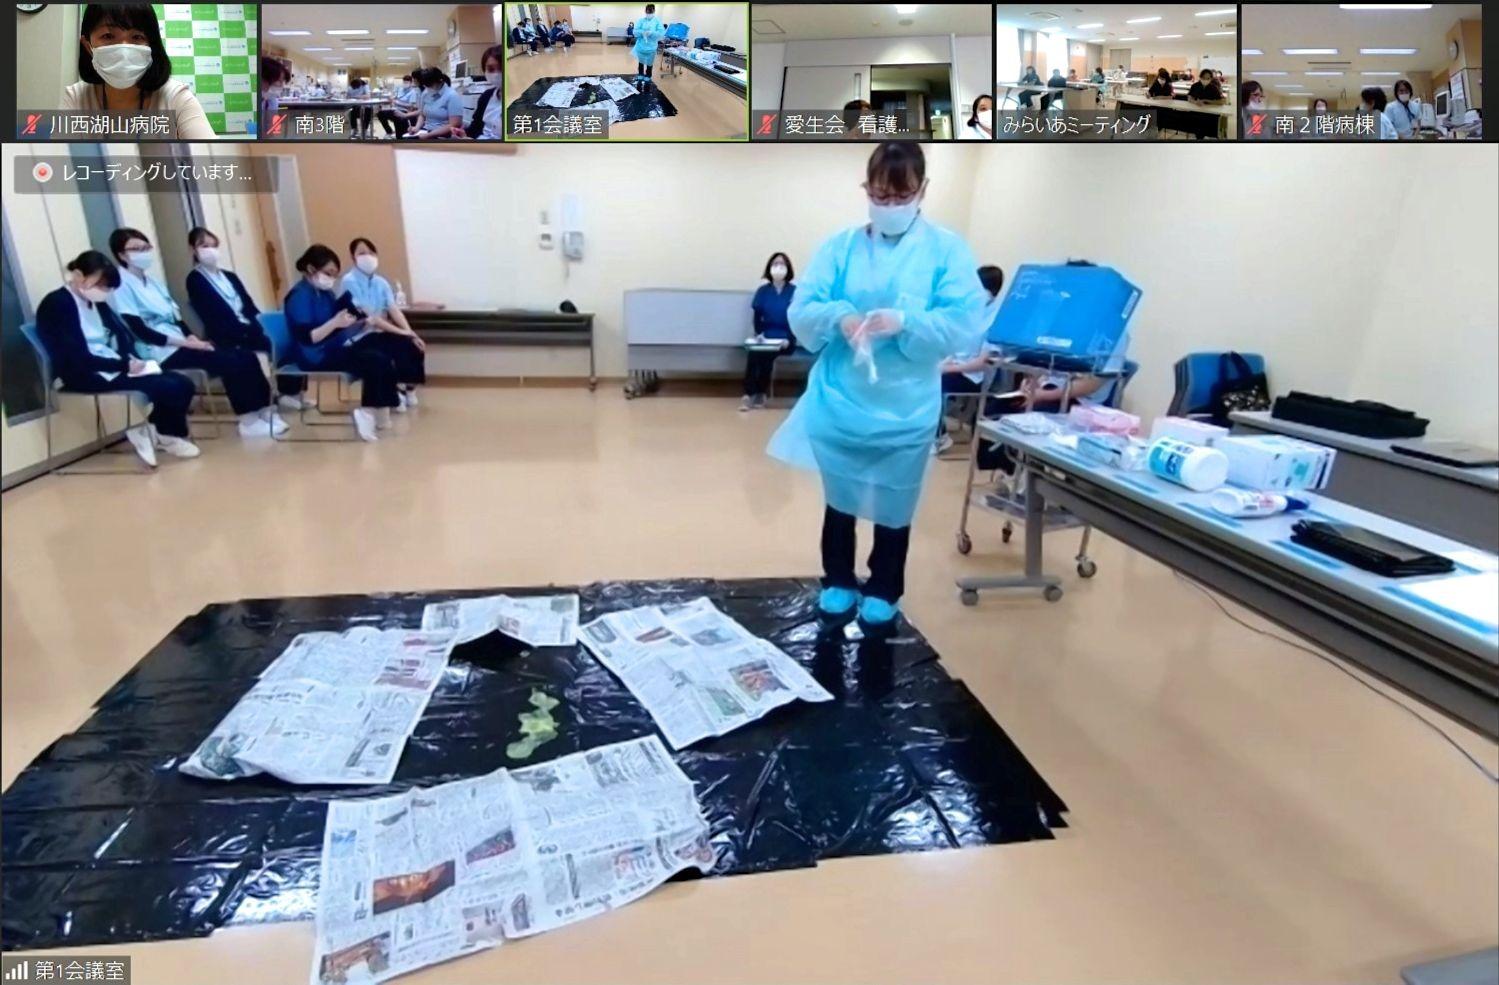 川西湖山病院 看介護部「WEB勉強会~嘔吐物処理方法について~」